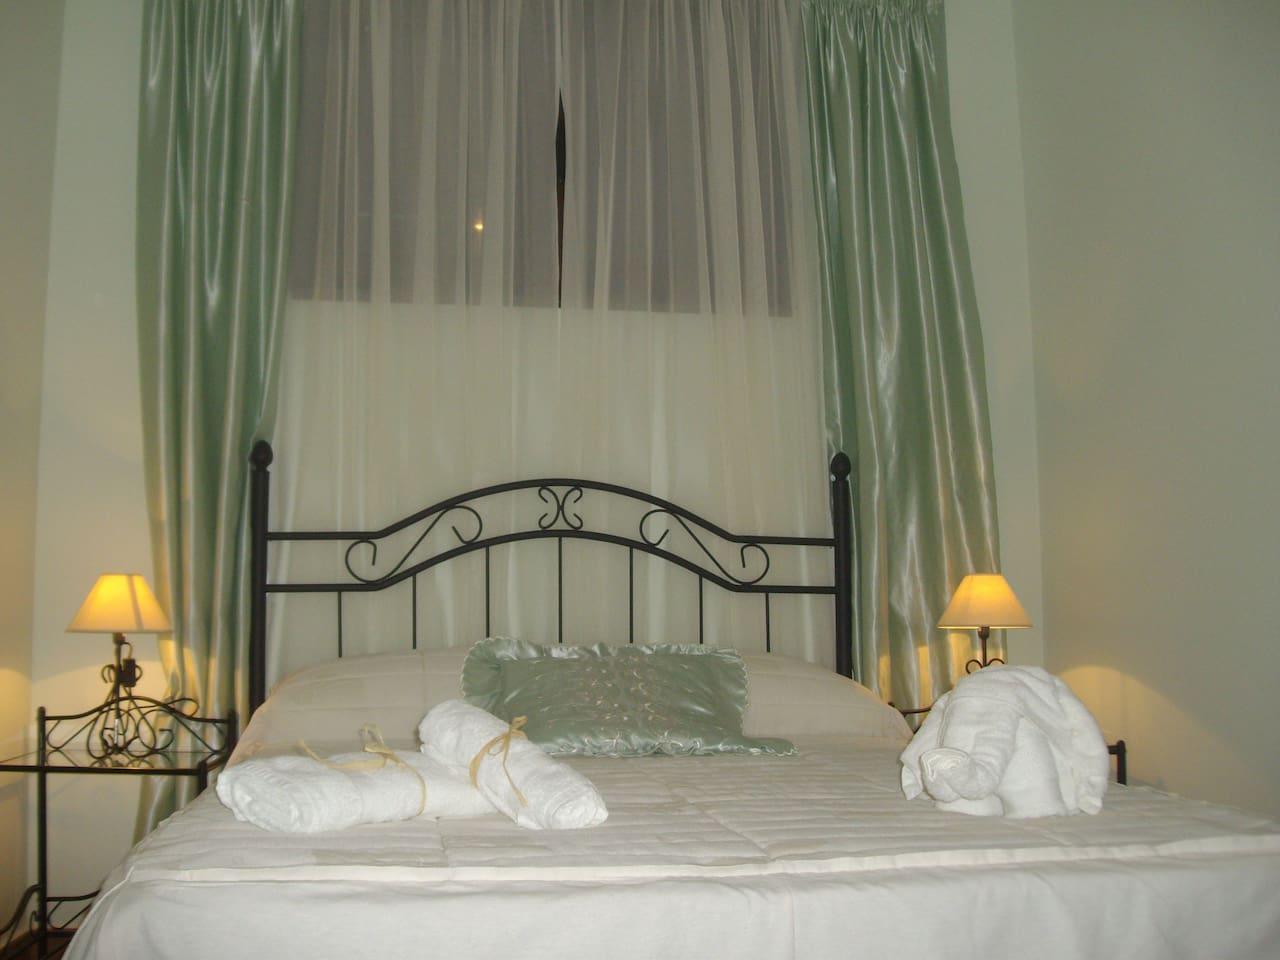 Habitación con WIFI, AMENITIES, cama de matrimonio de 135cm x 190cm, con ropa y toallas.